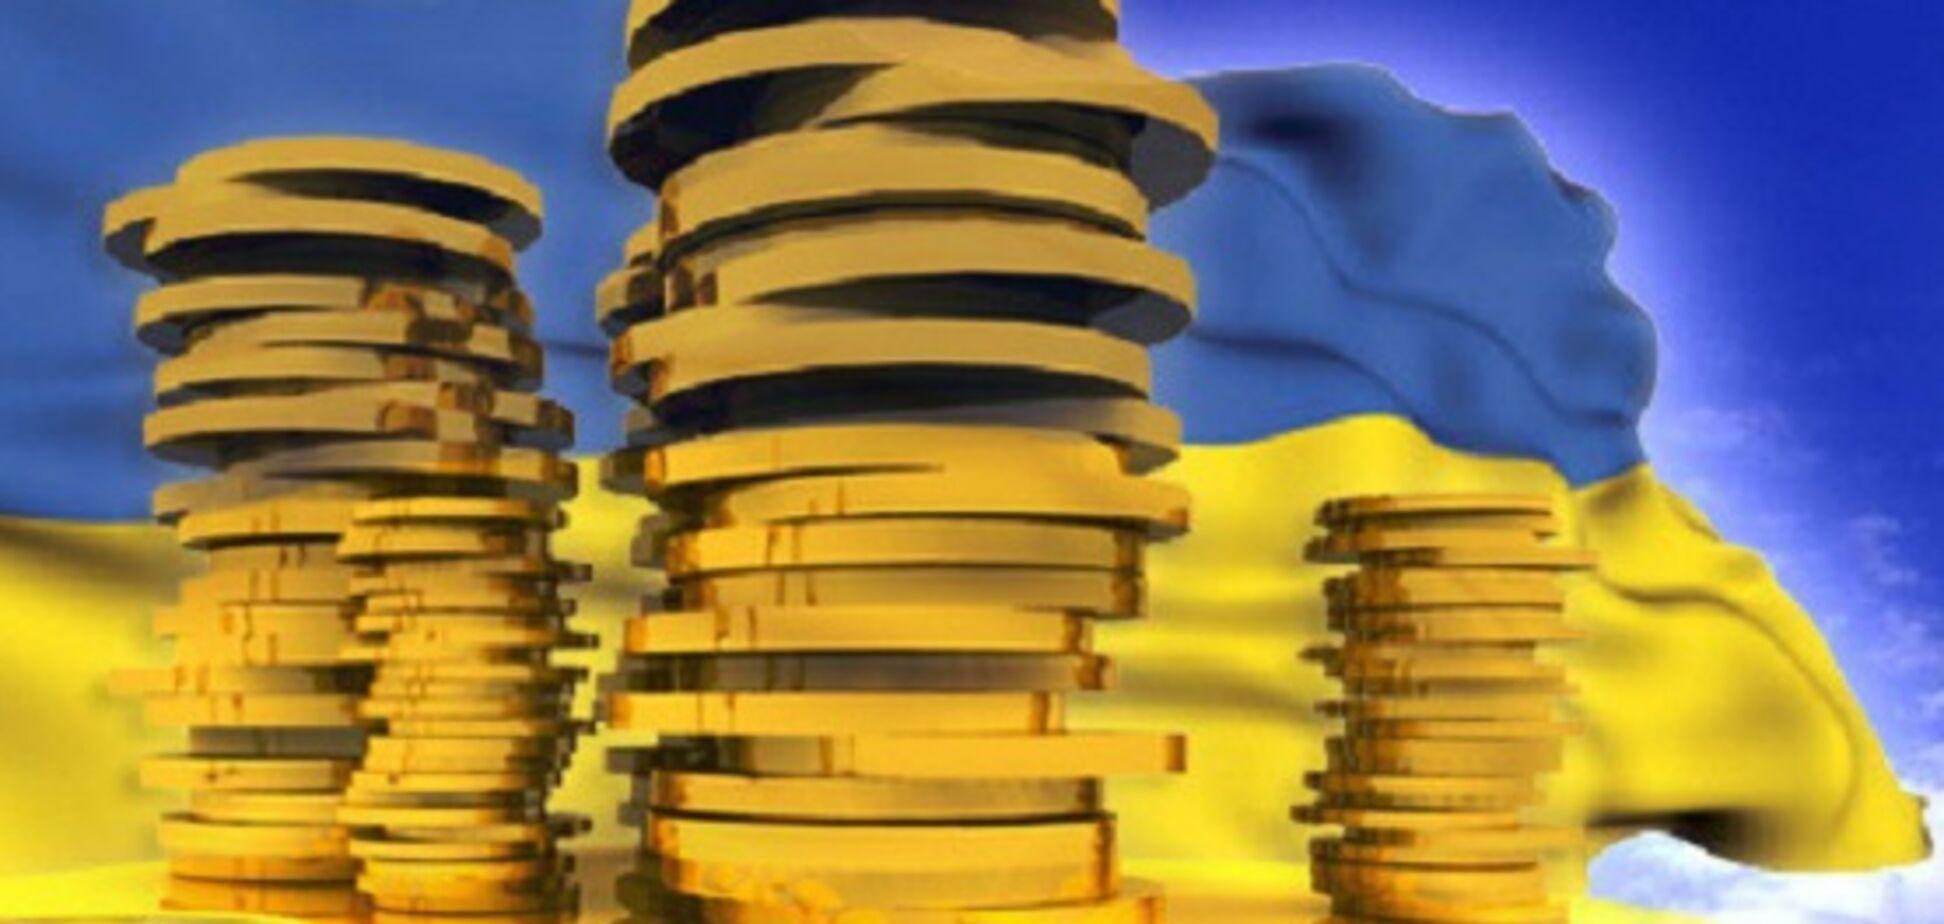 Зависит от коррупции: Европарламент решил помочь Украине финансово